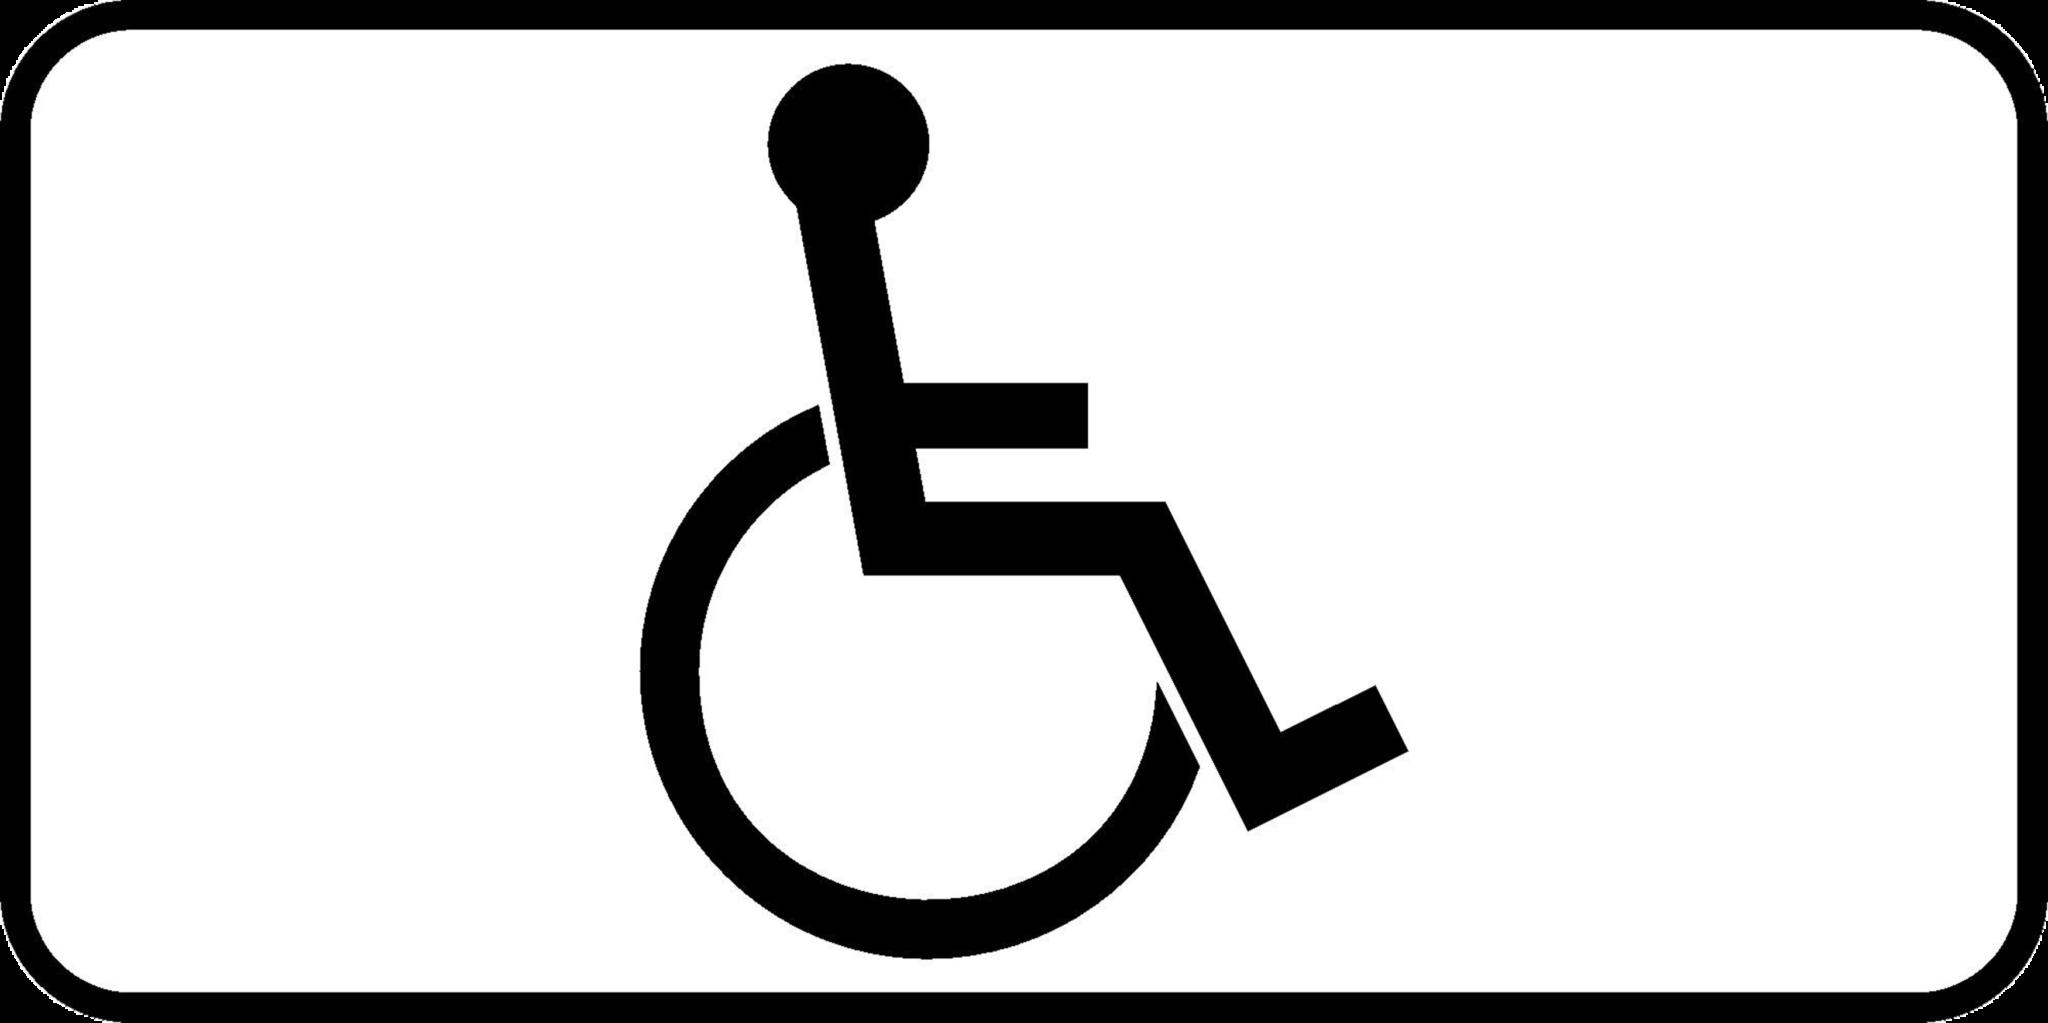 дают ли группу инвалидности после эндопротезирования тазобедренного сустава